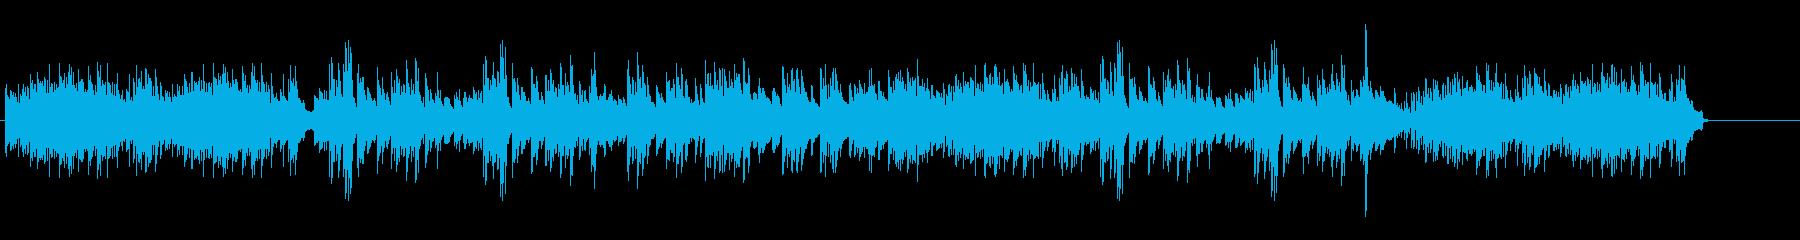 明るく爽やかなピアノによるBGMの再生済みの波形